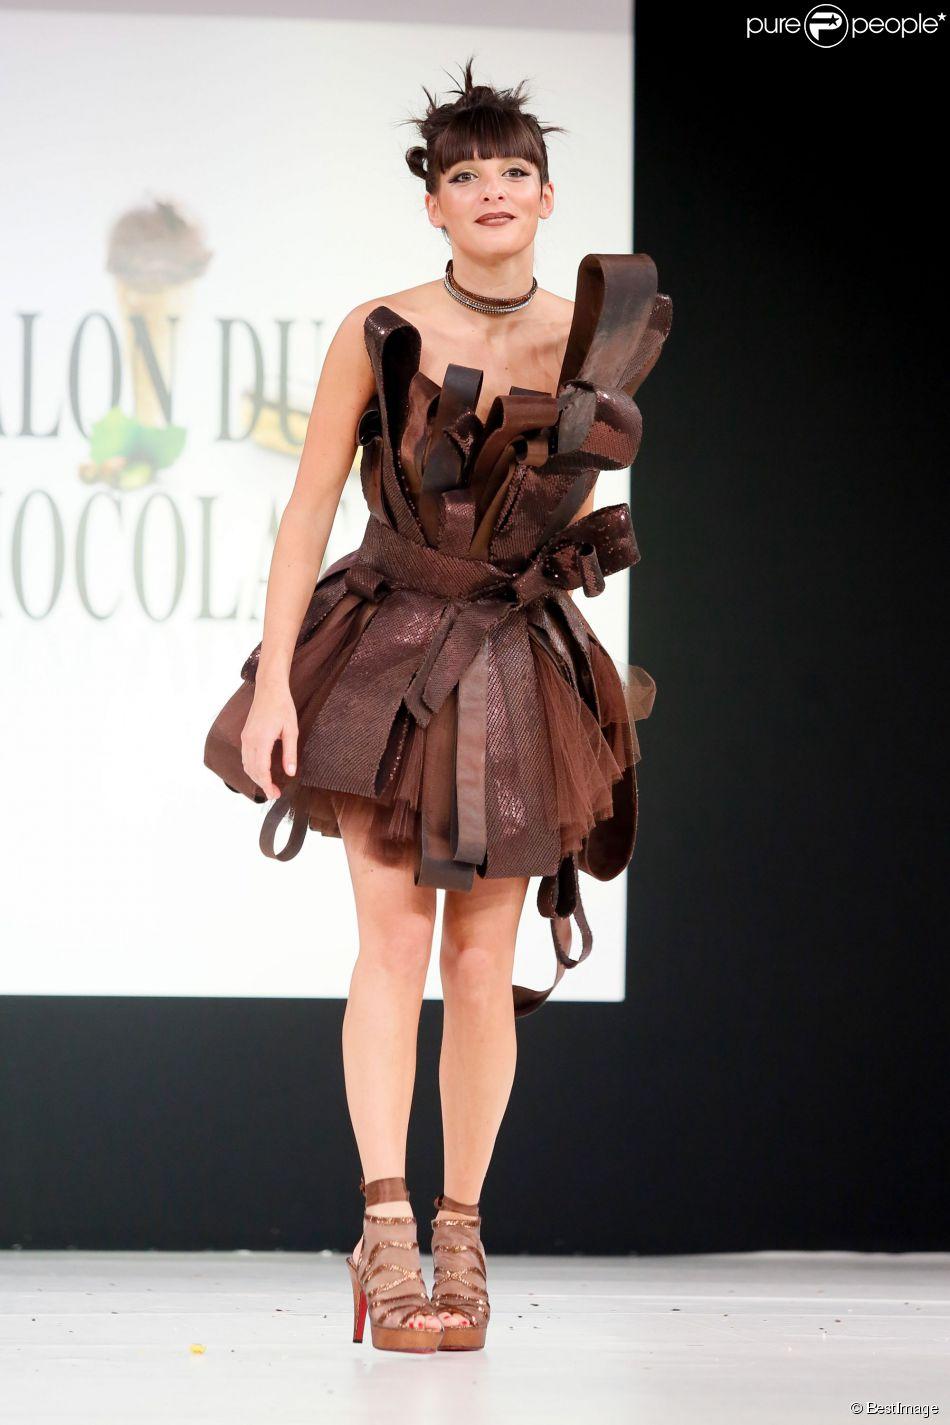 Erika Moulet, au défilé du 20e Salon du Chocolat 2014 au Parc des Expositions de la Porte de Versailles à Paris le 28 octobre 2014.